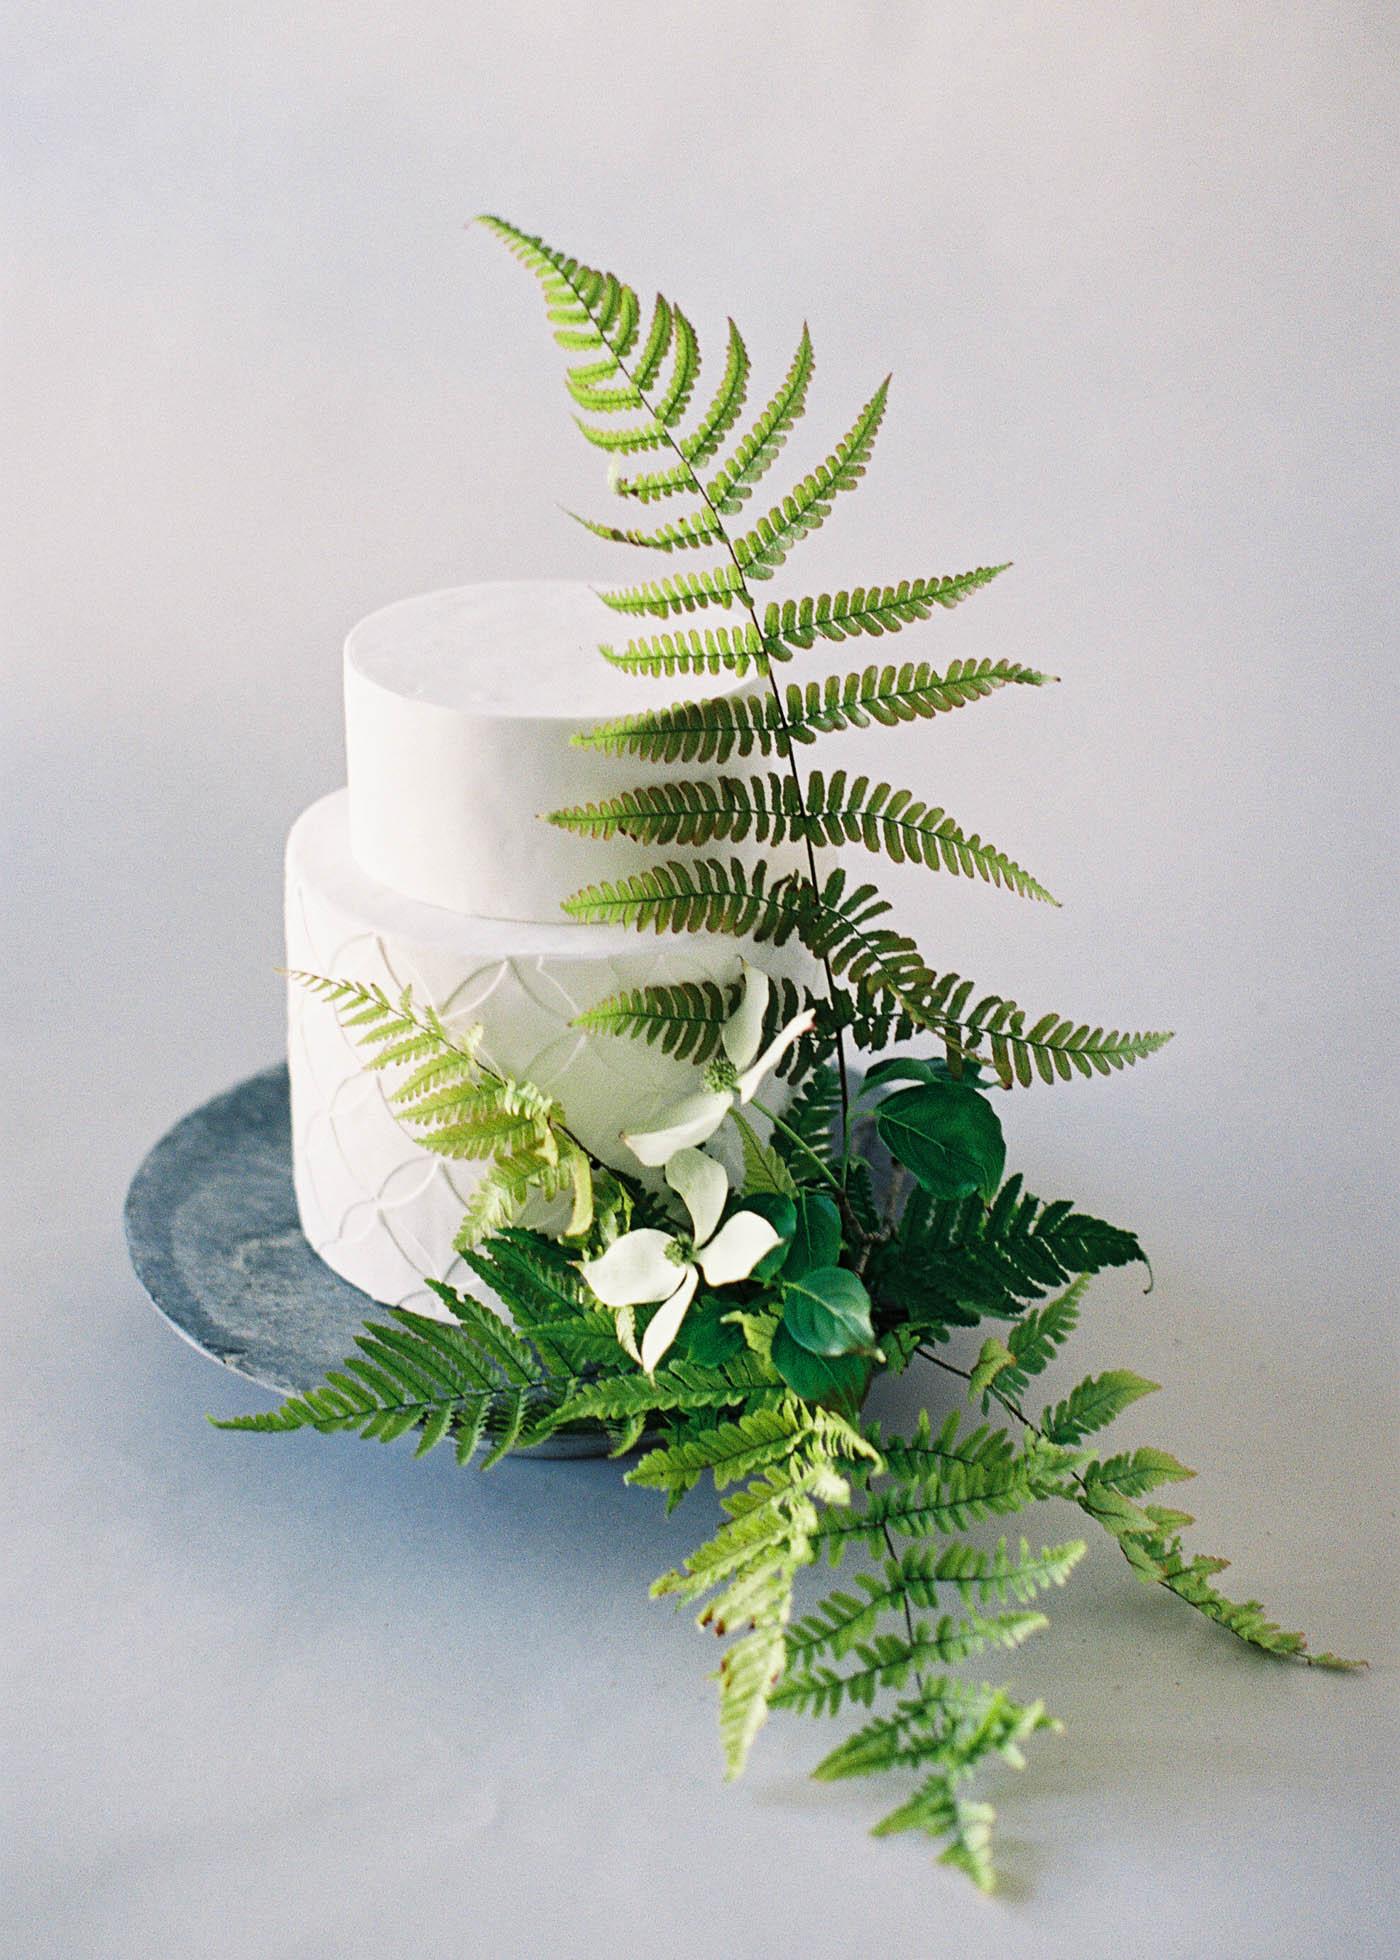 Cake-Favorites-11-Jen_Huang-000486-R1-025-11.jpg